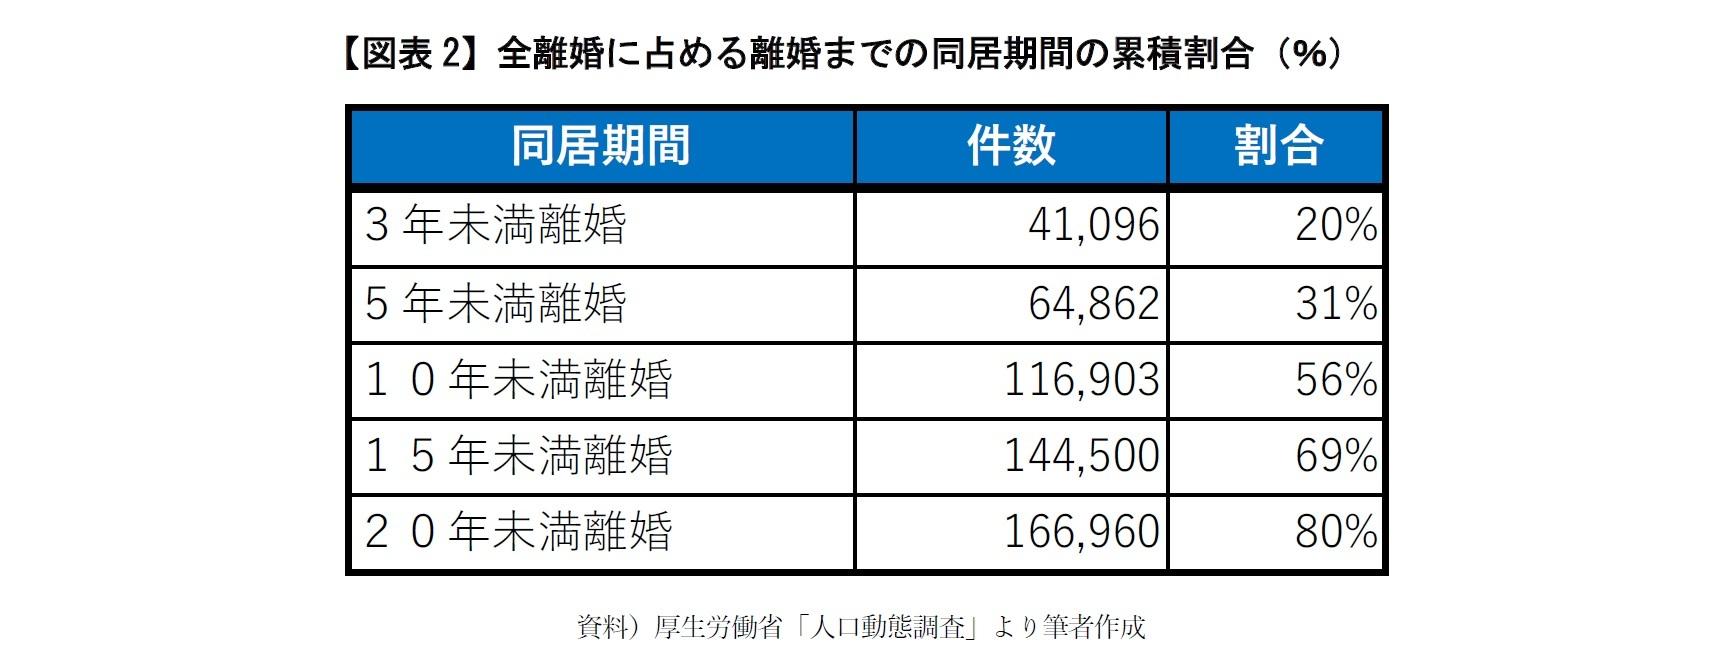 【図表2】全離婚に占める離婚までの同居期間の累積割合(%)